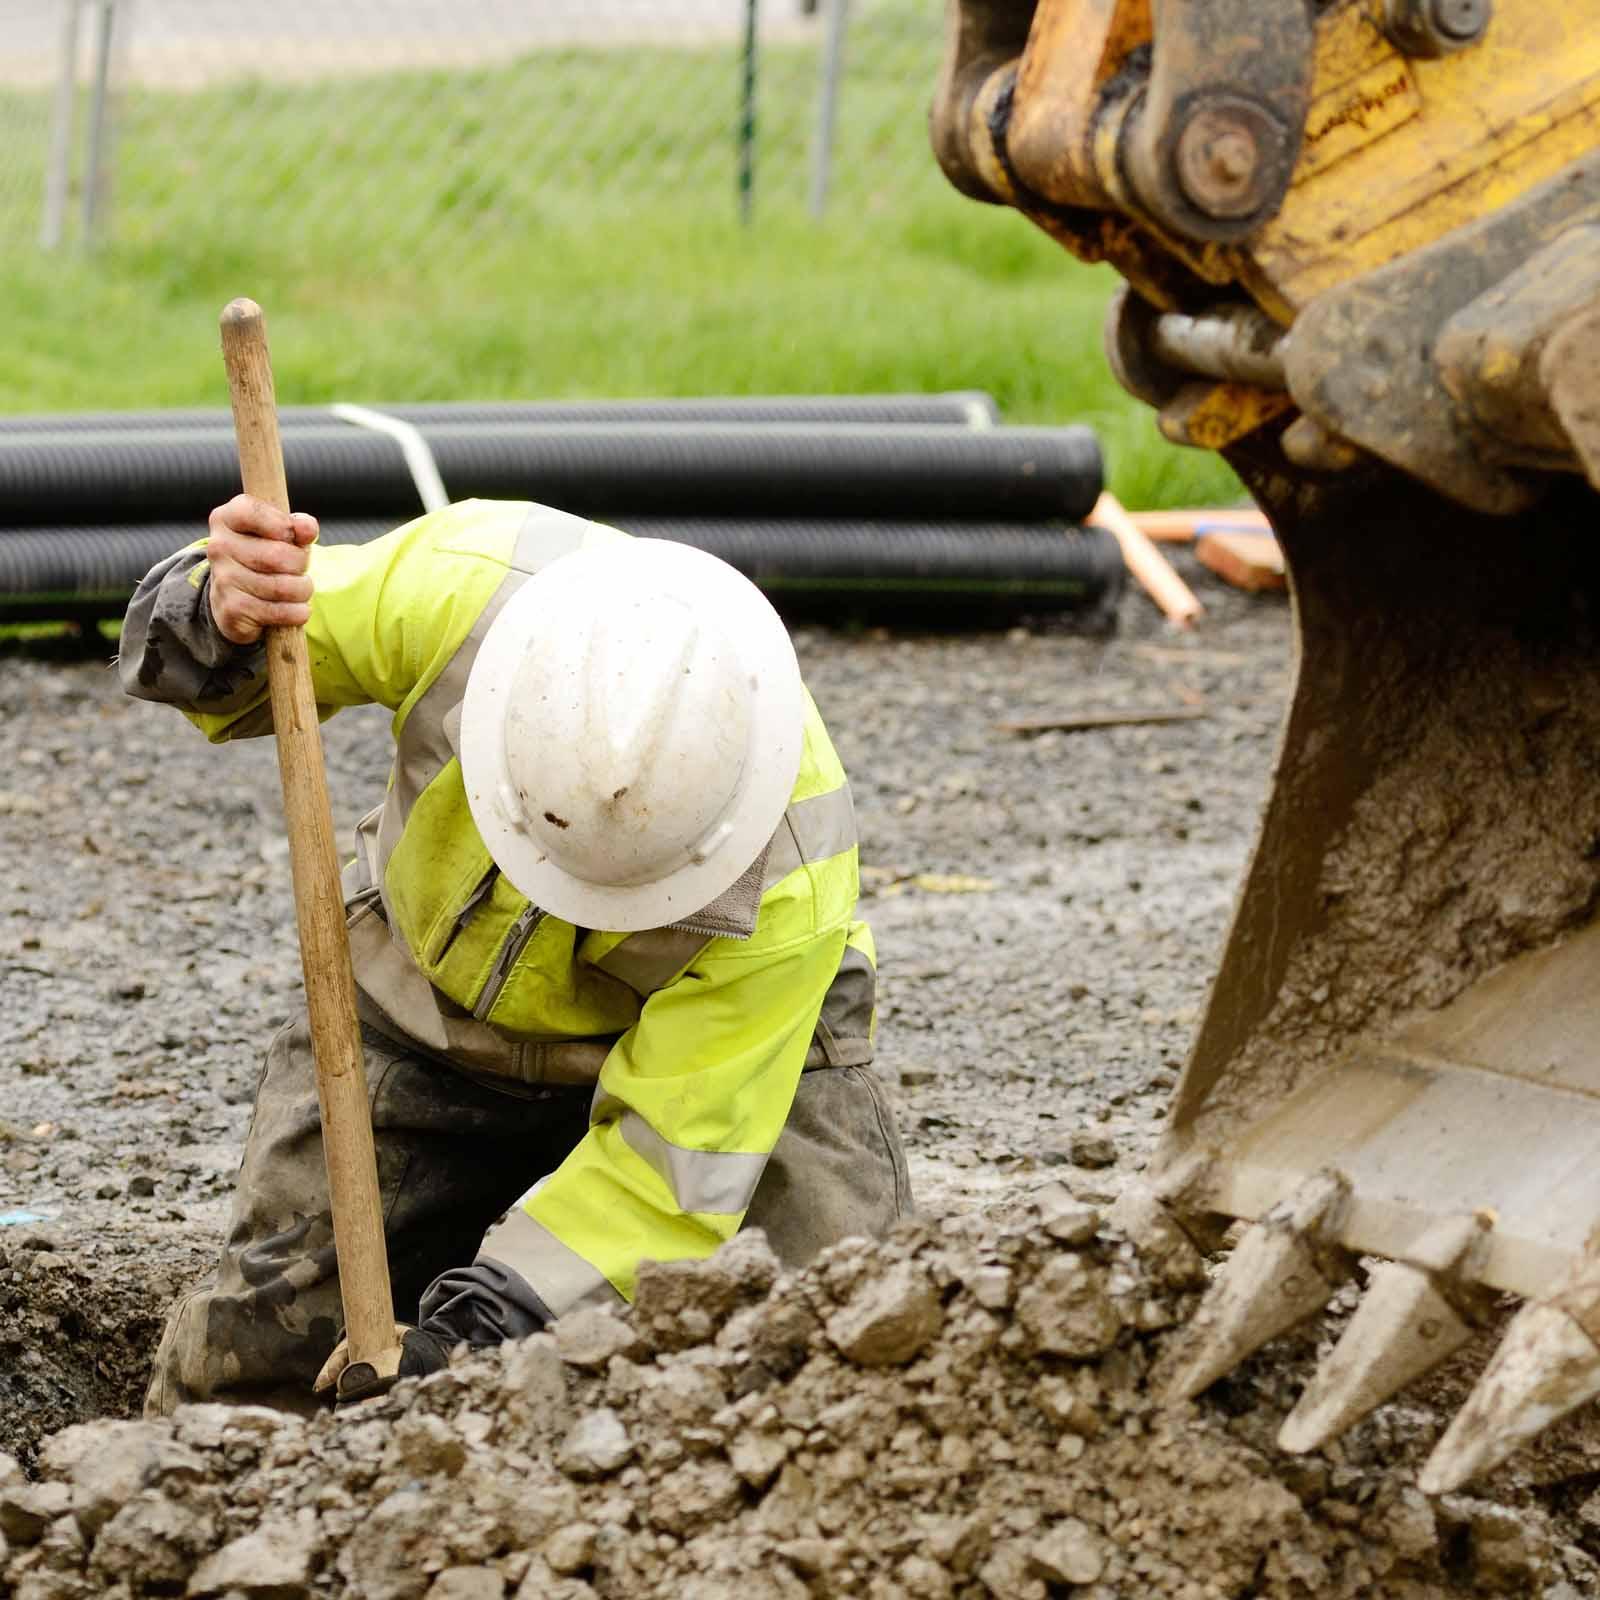 urbint-constraction-worker